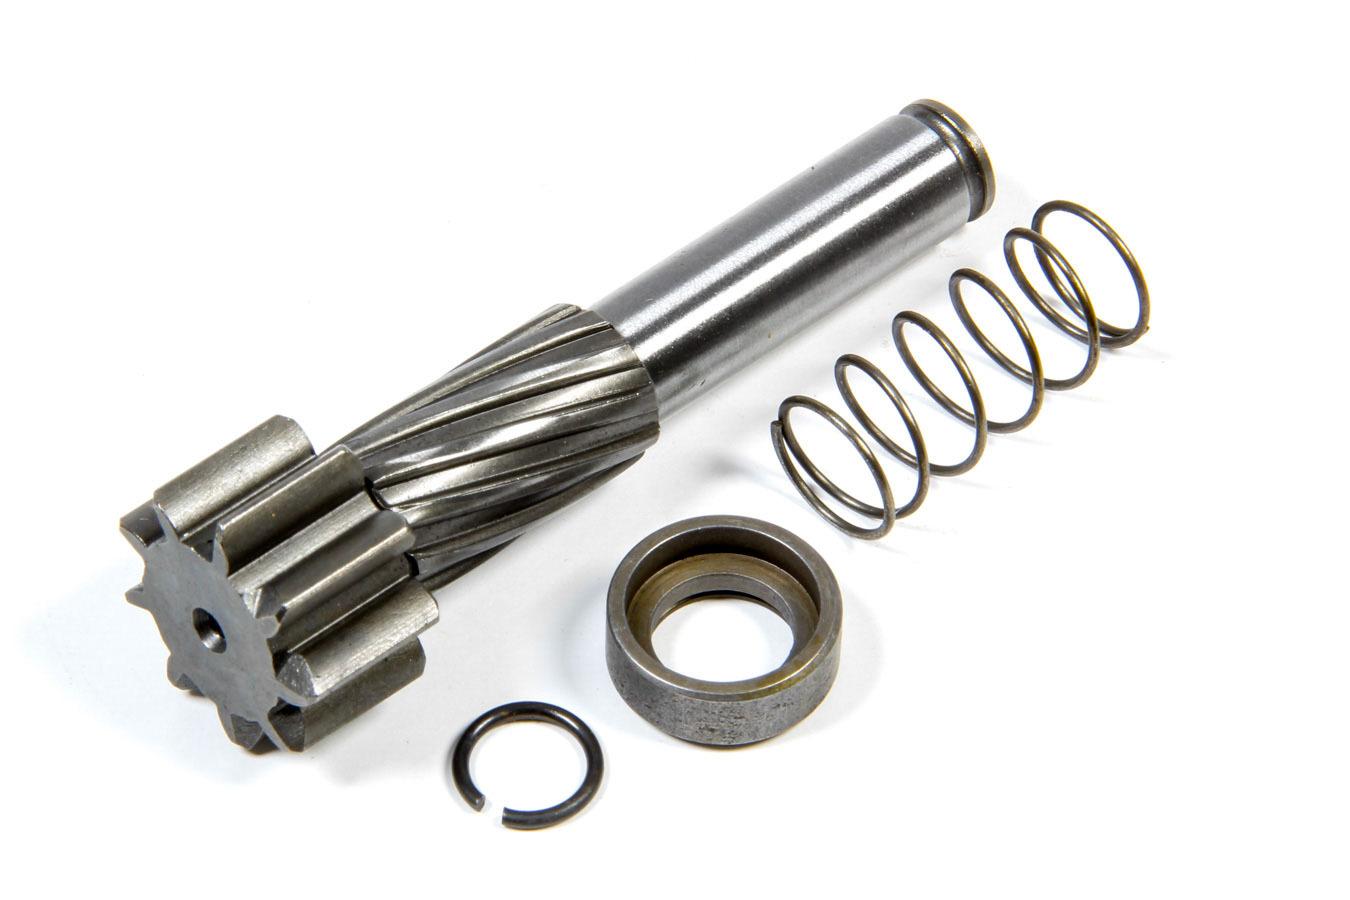 Powermaster 603 Starter Pinion Gear Kit, Cap / Clip / Pinion Gear / Return Spring, Powermaster PowerMax Plus Hitachi Starters, Kit